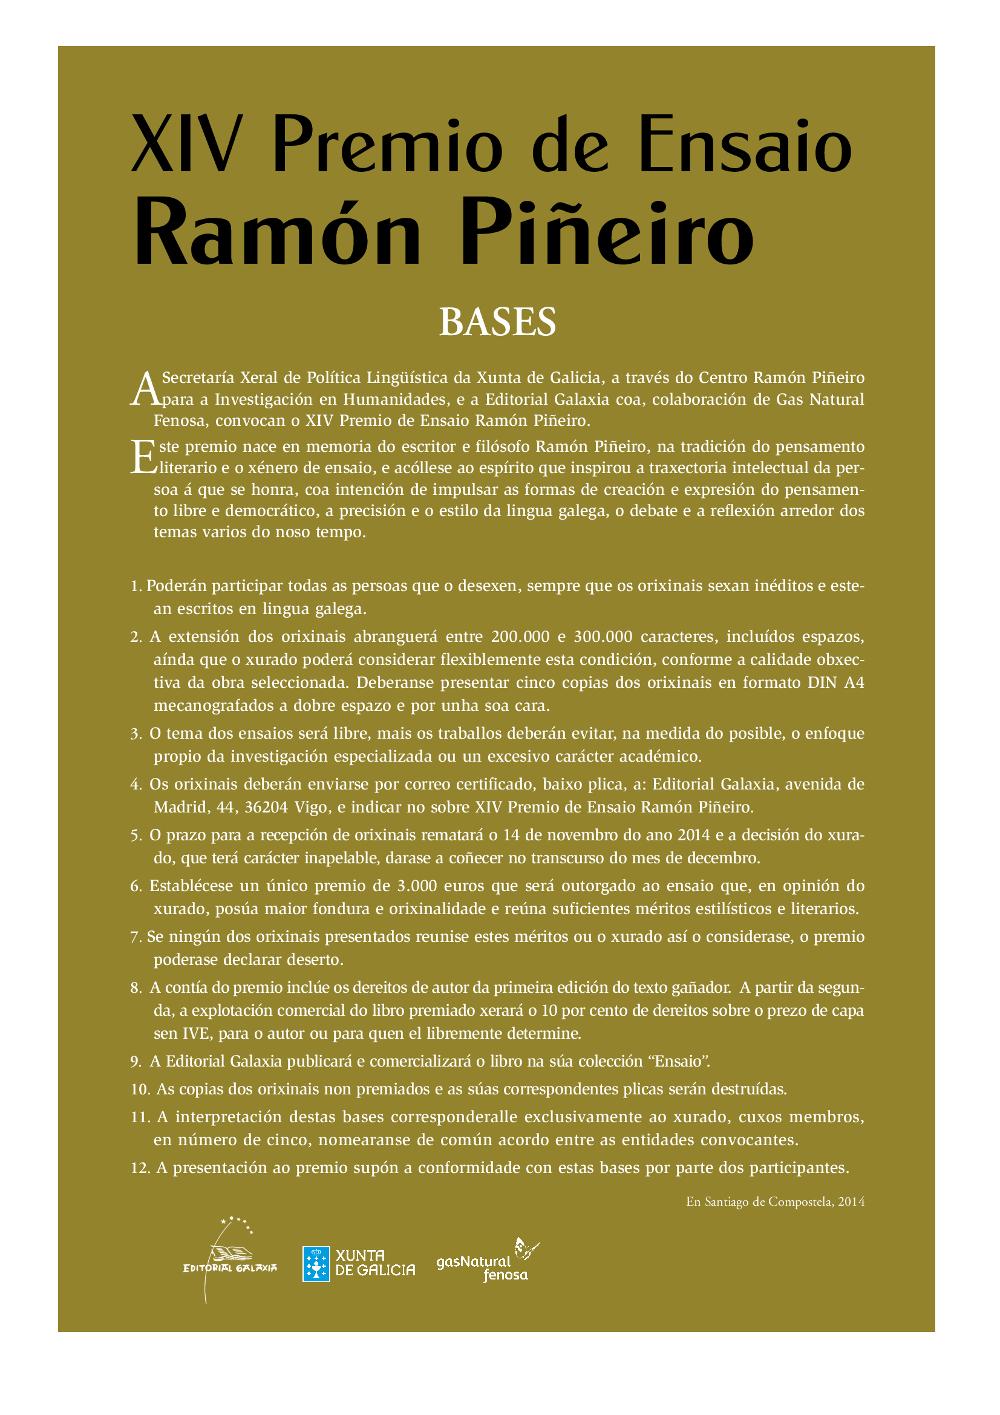 Bases Premio Ramón Piñeiro ensaio 2014